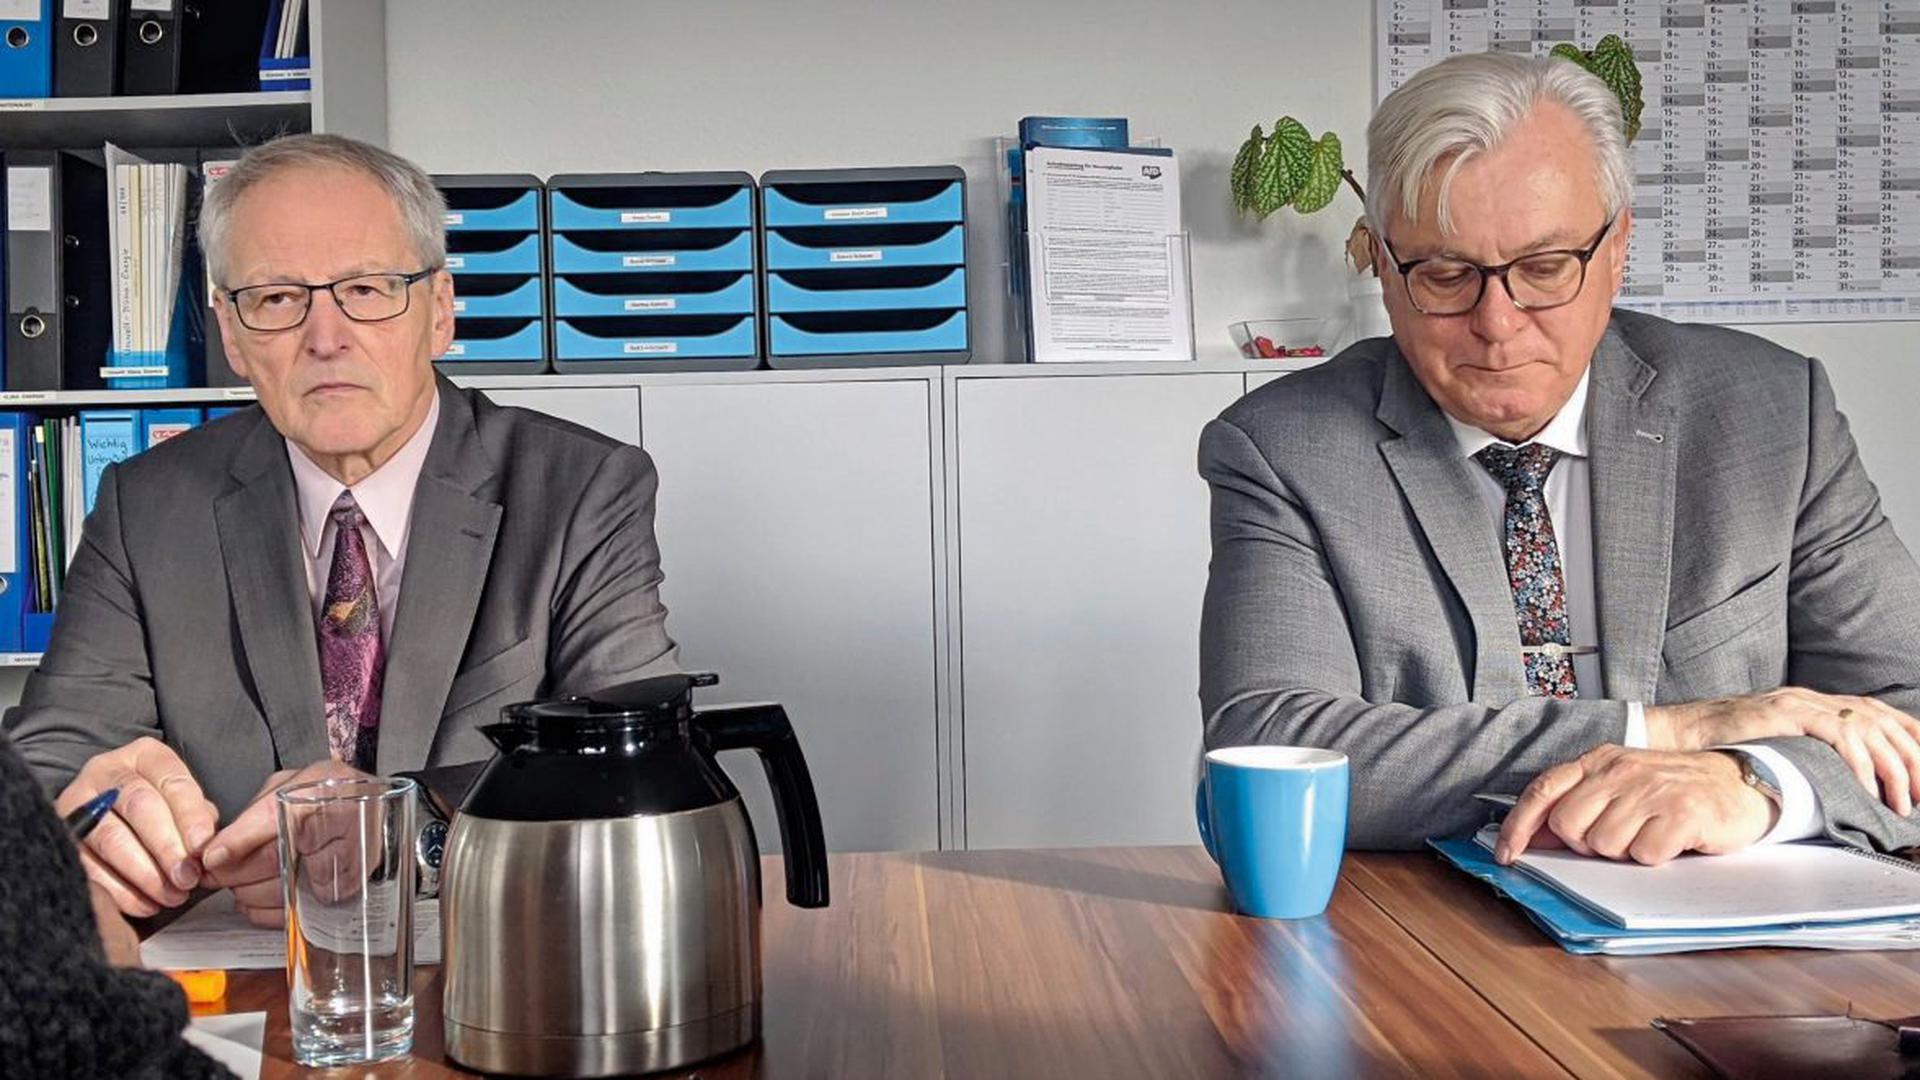 Auf Abstand: AfD-Landtagsfraktionschef Bernd Gögel (rechts) und sein Fraktionskollege Bernd Grimmer in der Pforzheimer AfD-Geschäftsststelle.